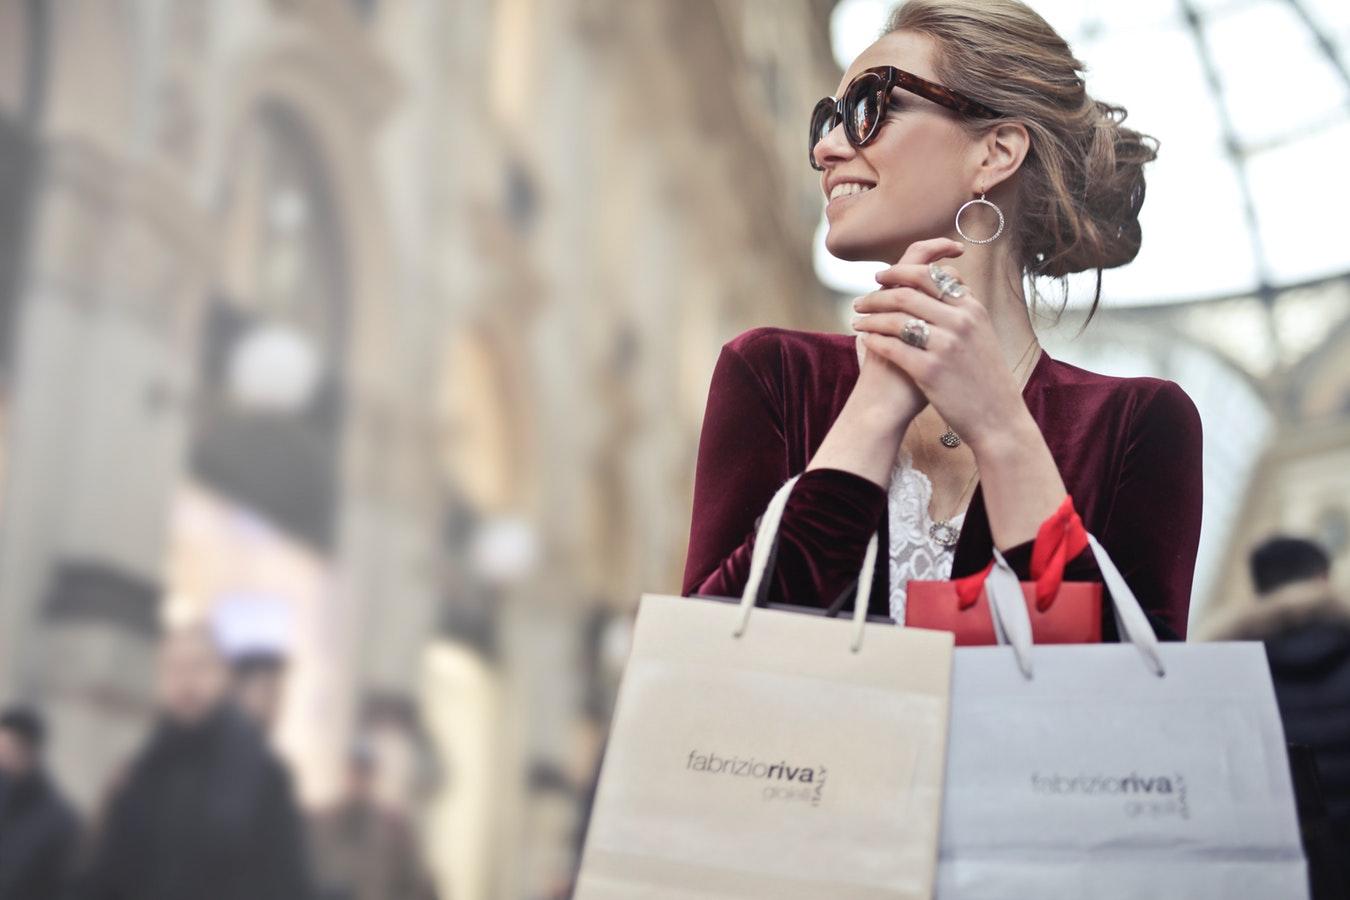 pani z torbami na zakupy w rękach